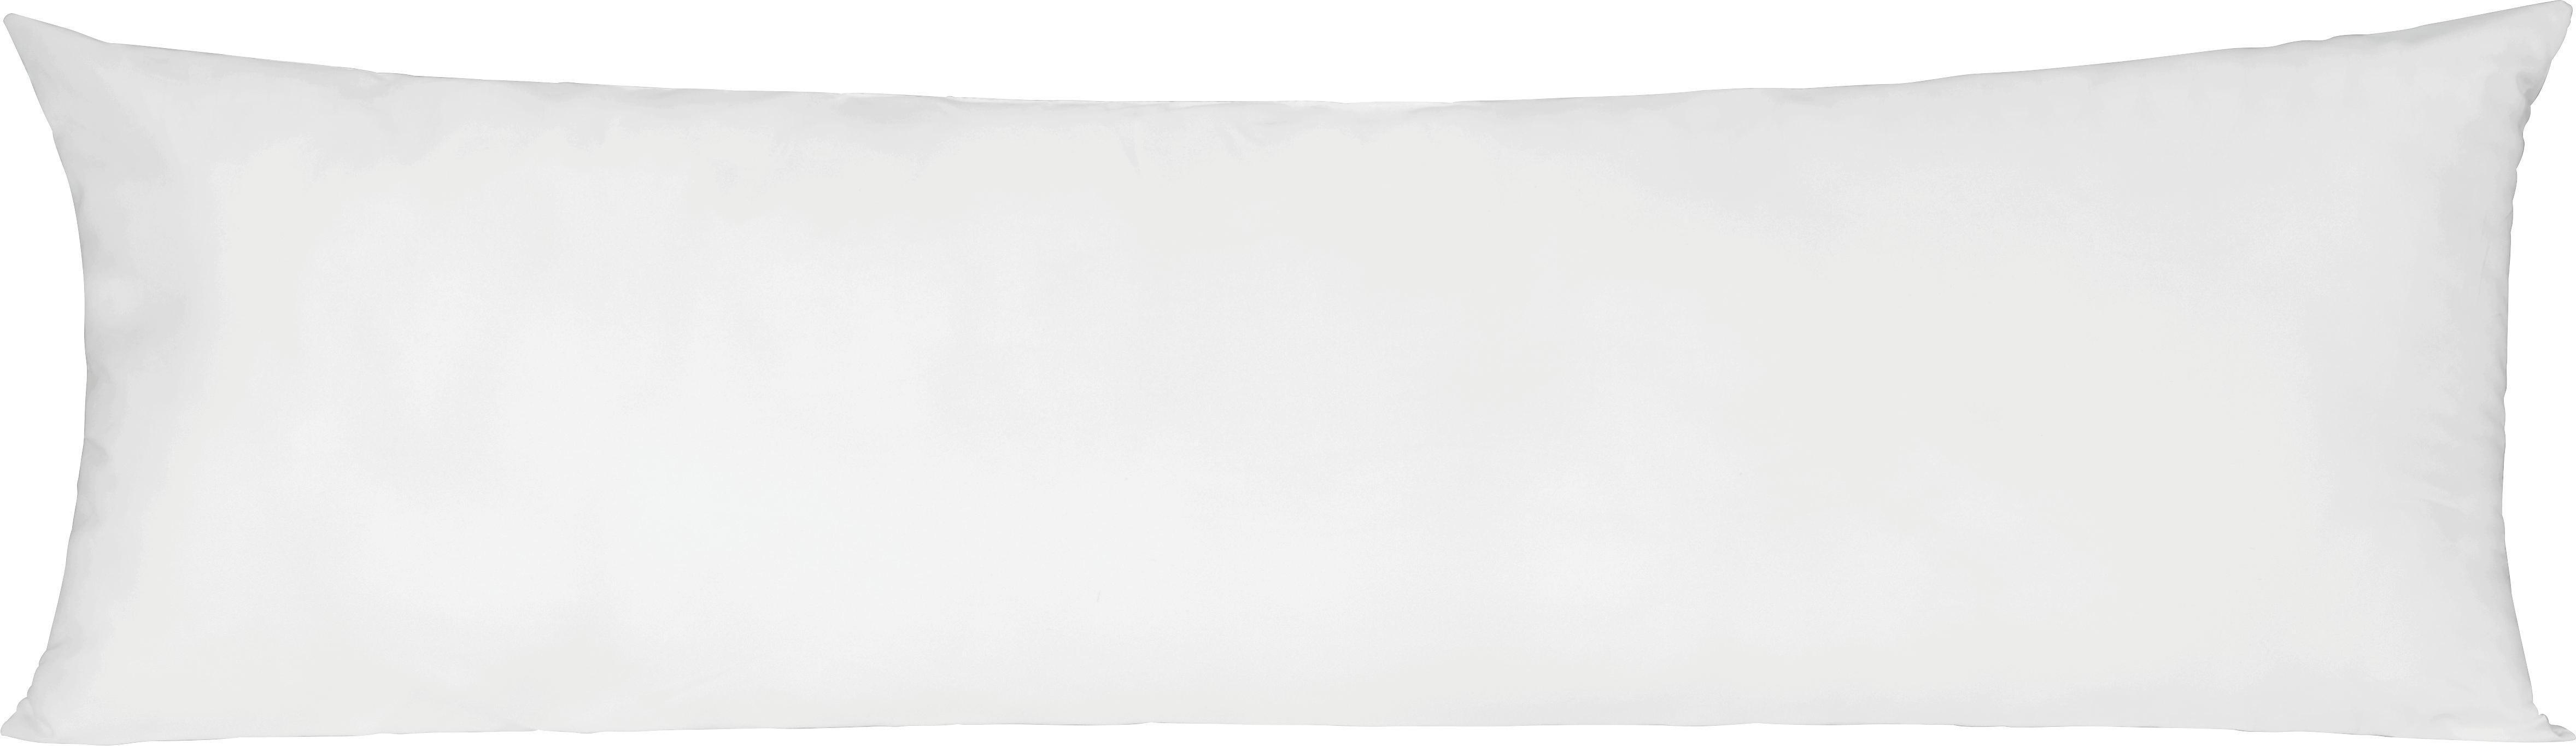 Relax Párna Isi - fehér, textil (40/120cm) - MÖMAX modern living